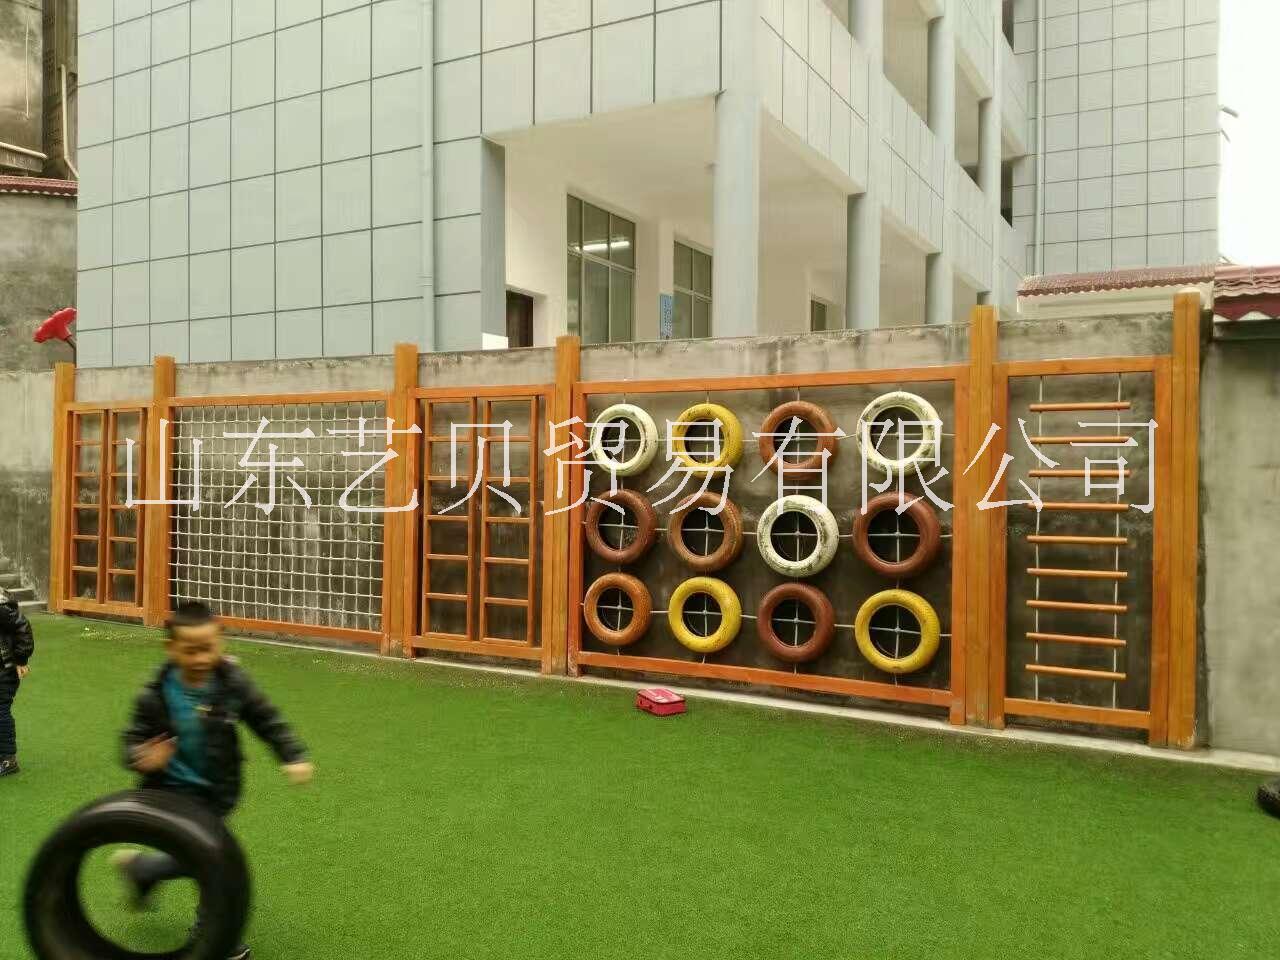 幼儿玩具 幼儿园防腐木玩具 积木 山东艺贝幼儿园玩具厂家